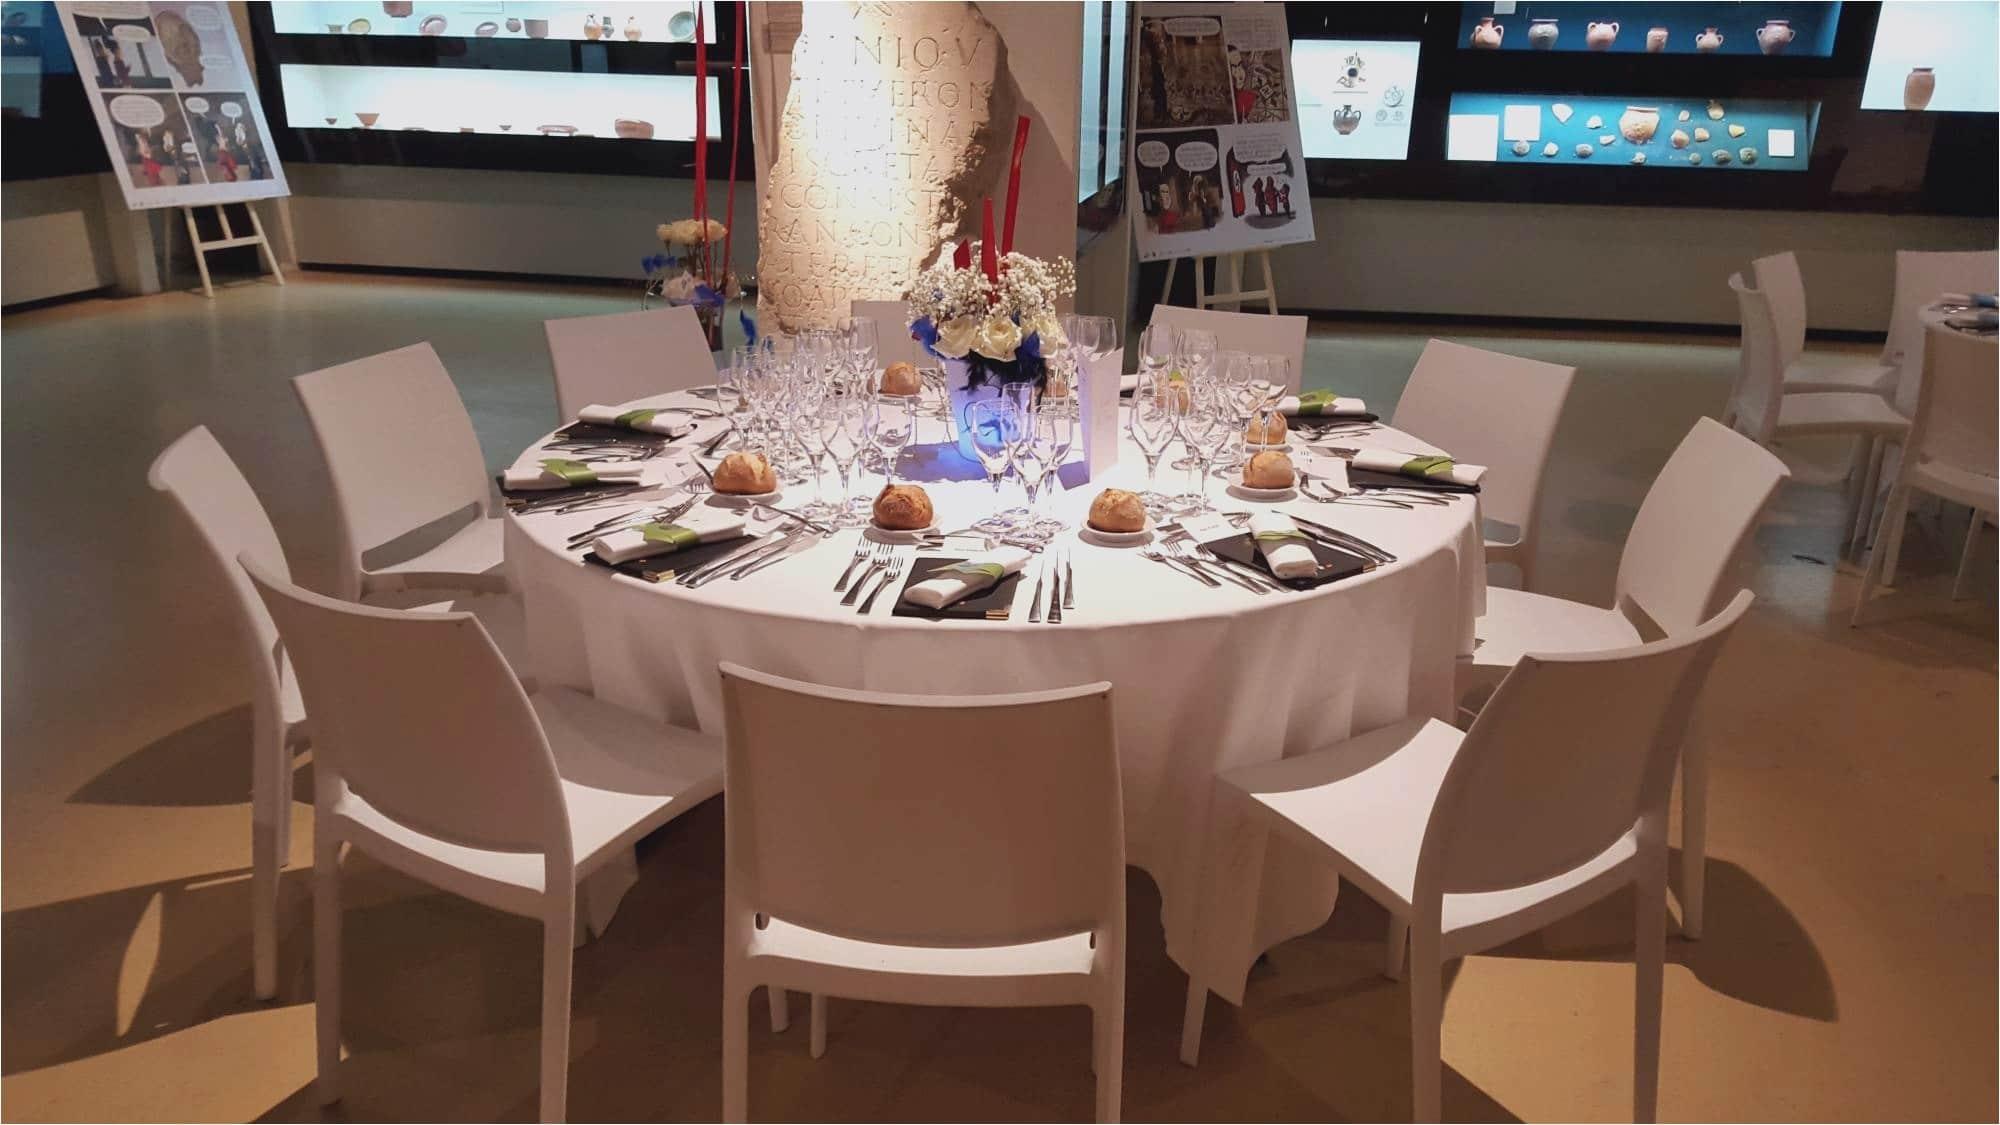 Une table de réception dressée pour un événement spécial